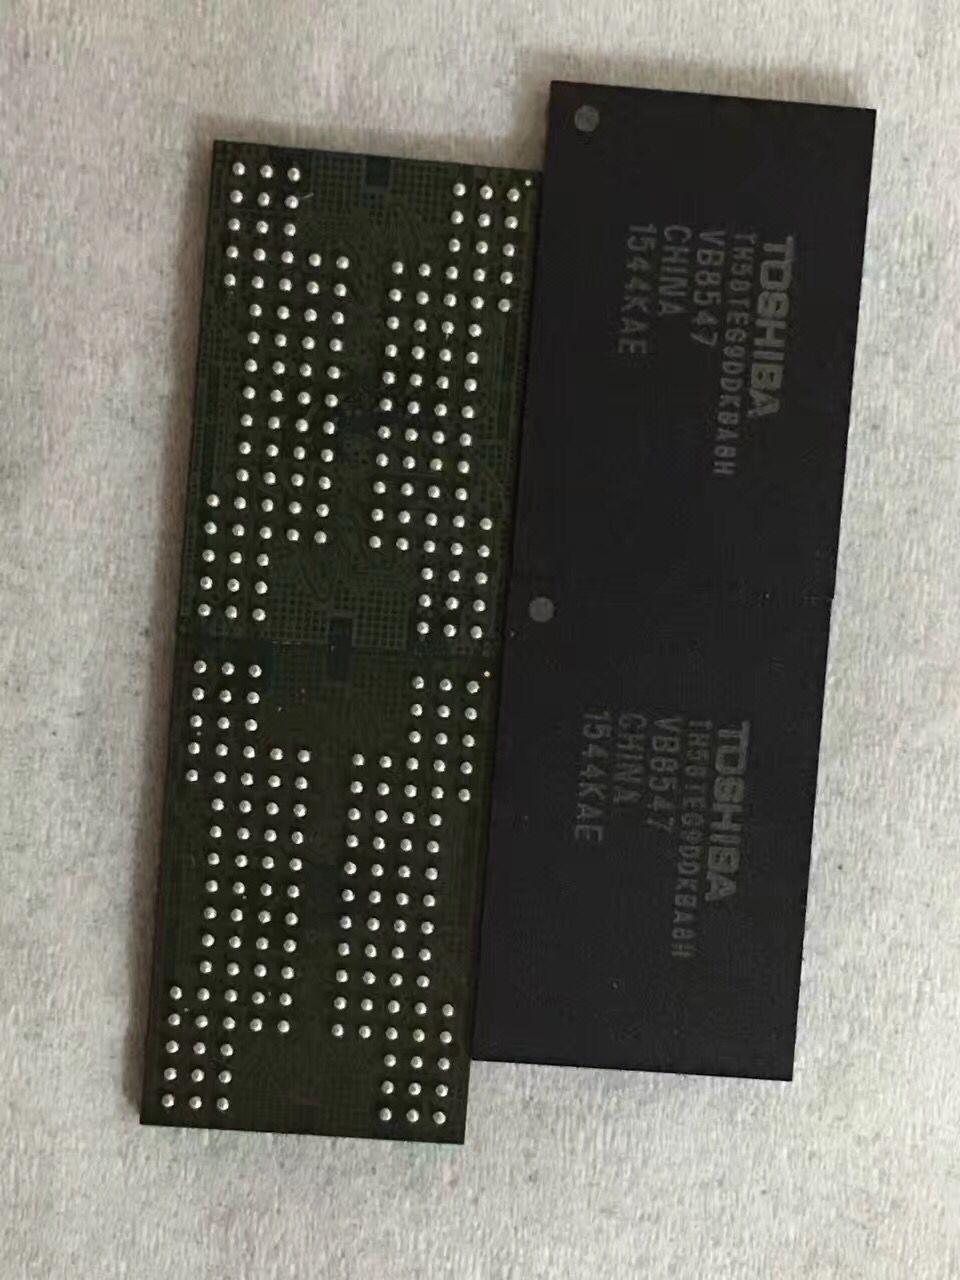 南充回收液晶显示器回收型号列表芯片收购电话三极管收购电子元器件